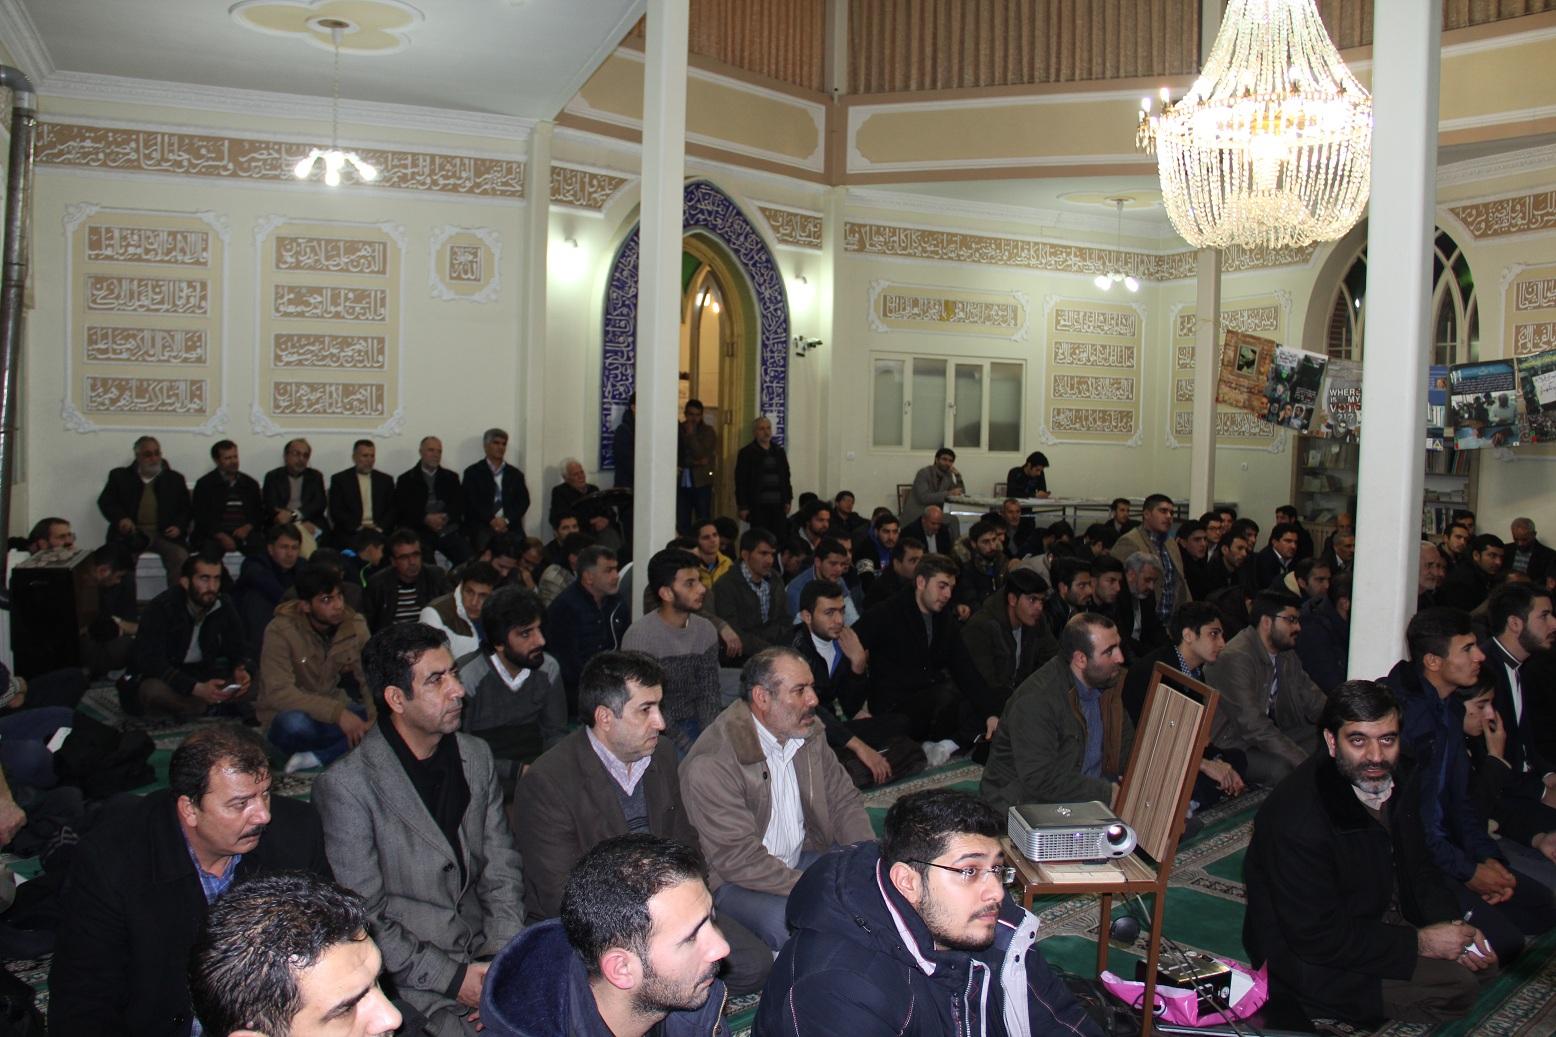 مراسم بزرگداشت 9 دی ، مسجد آقا علی اشرف ، عکس ، وحید جلال زاده ، انتخابات ، ارومیه ، اخبار ارومیه ،